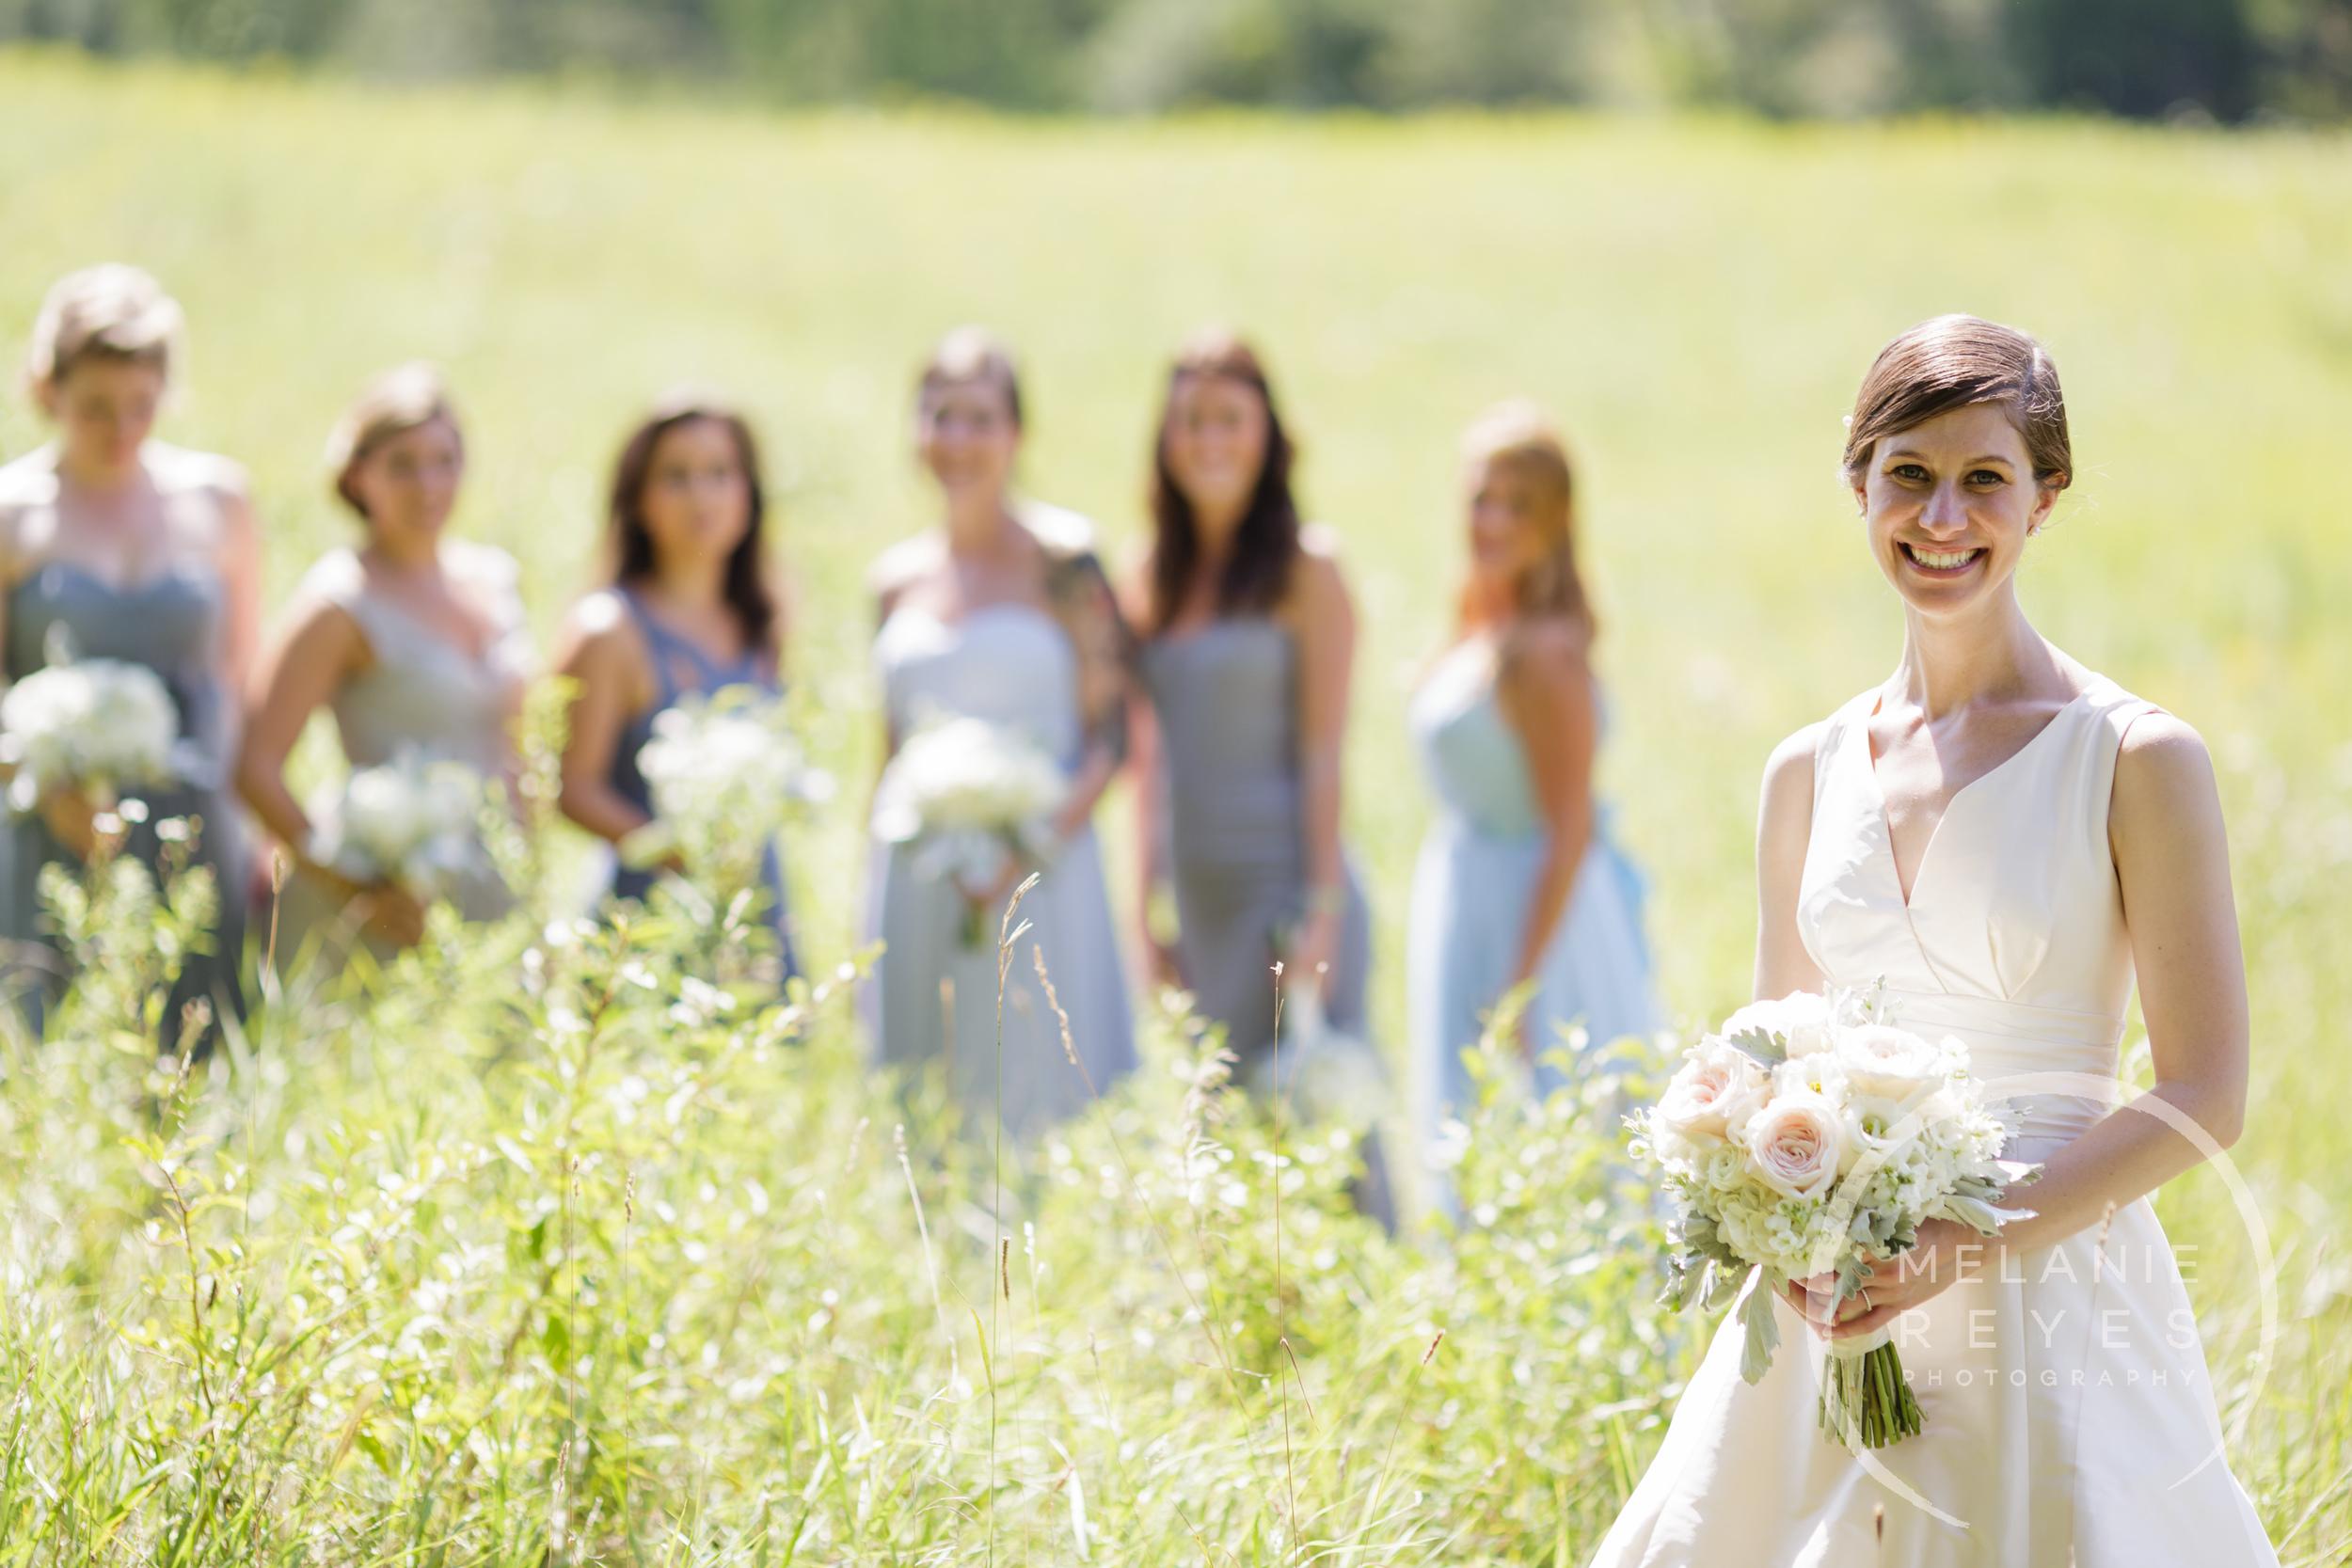 018_farm_wedding_melanie_reyes.JPG